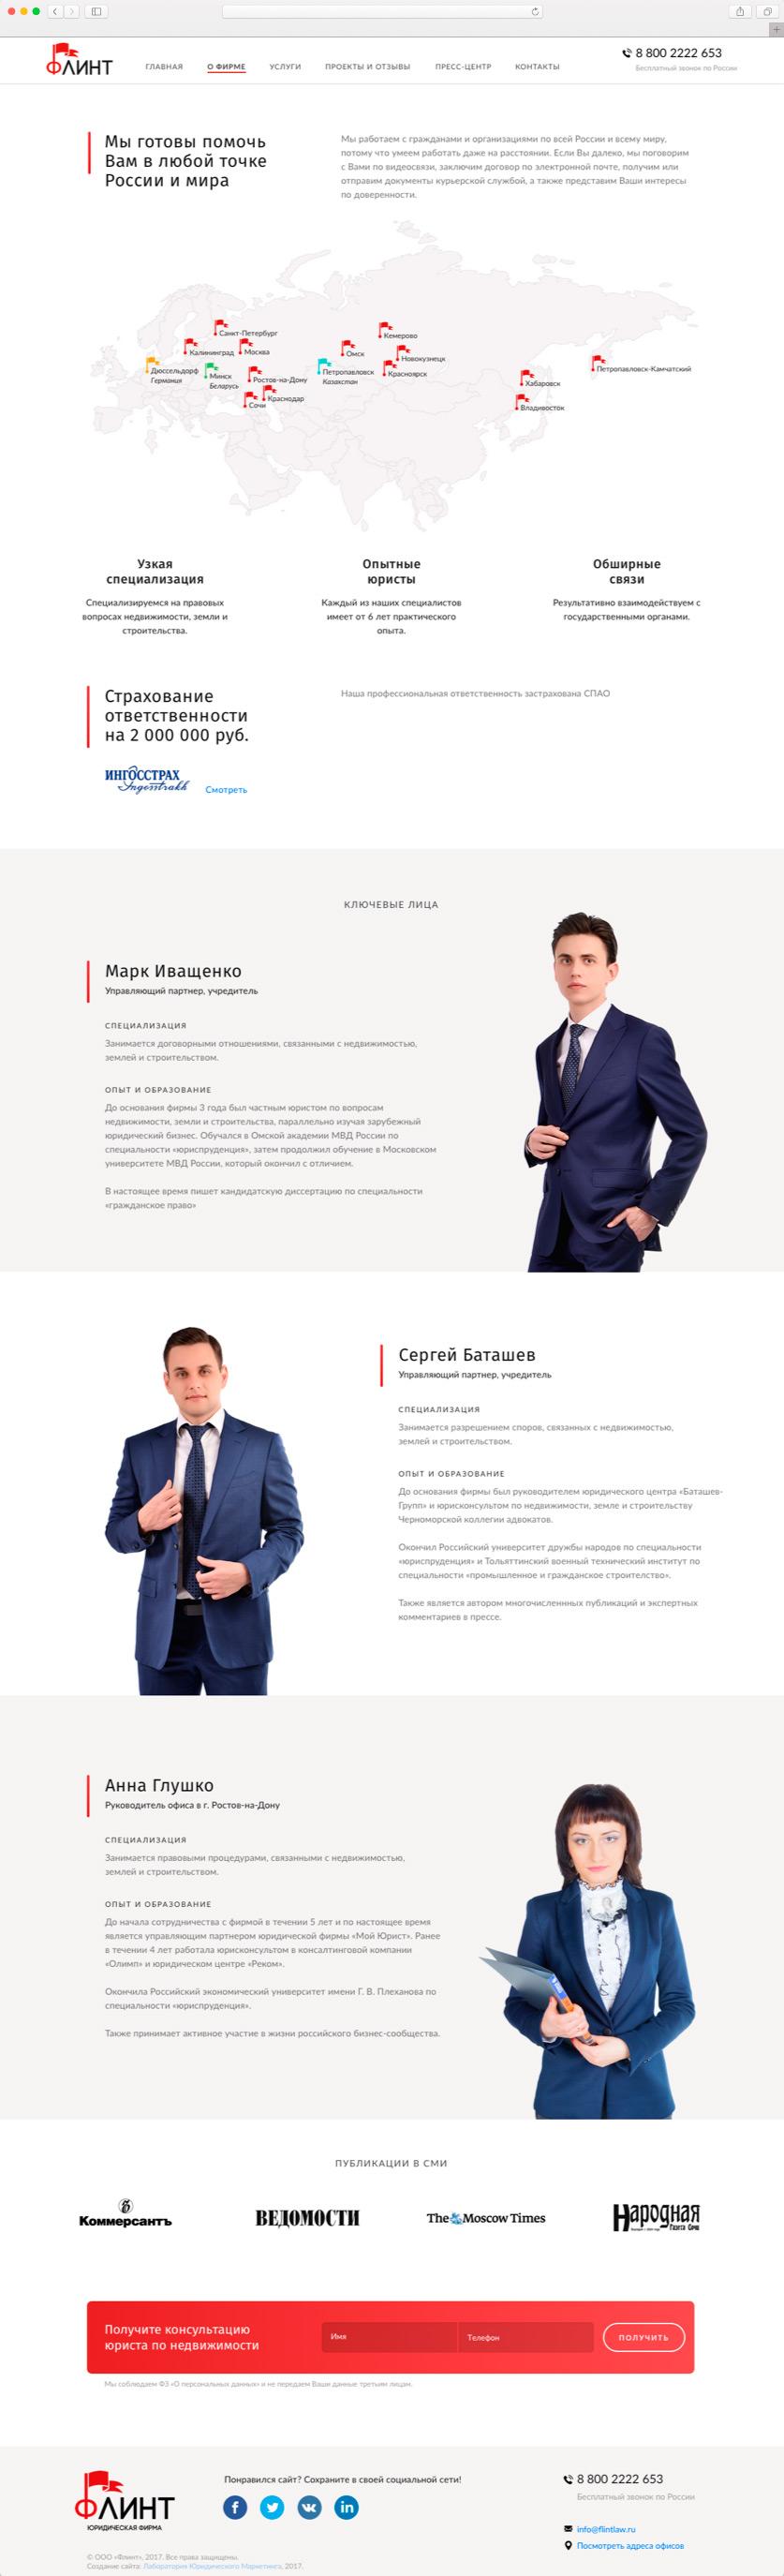 flint_site_page_2